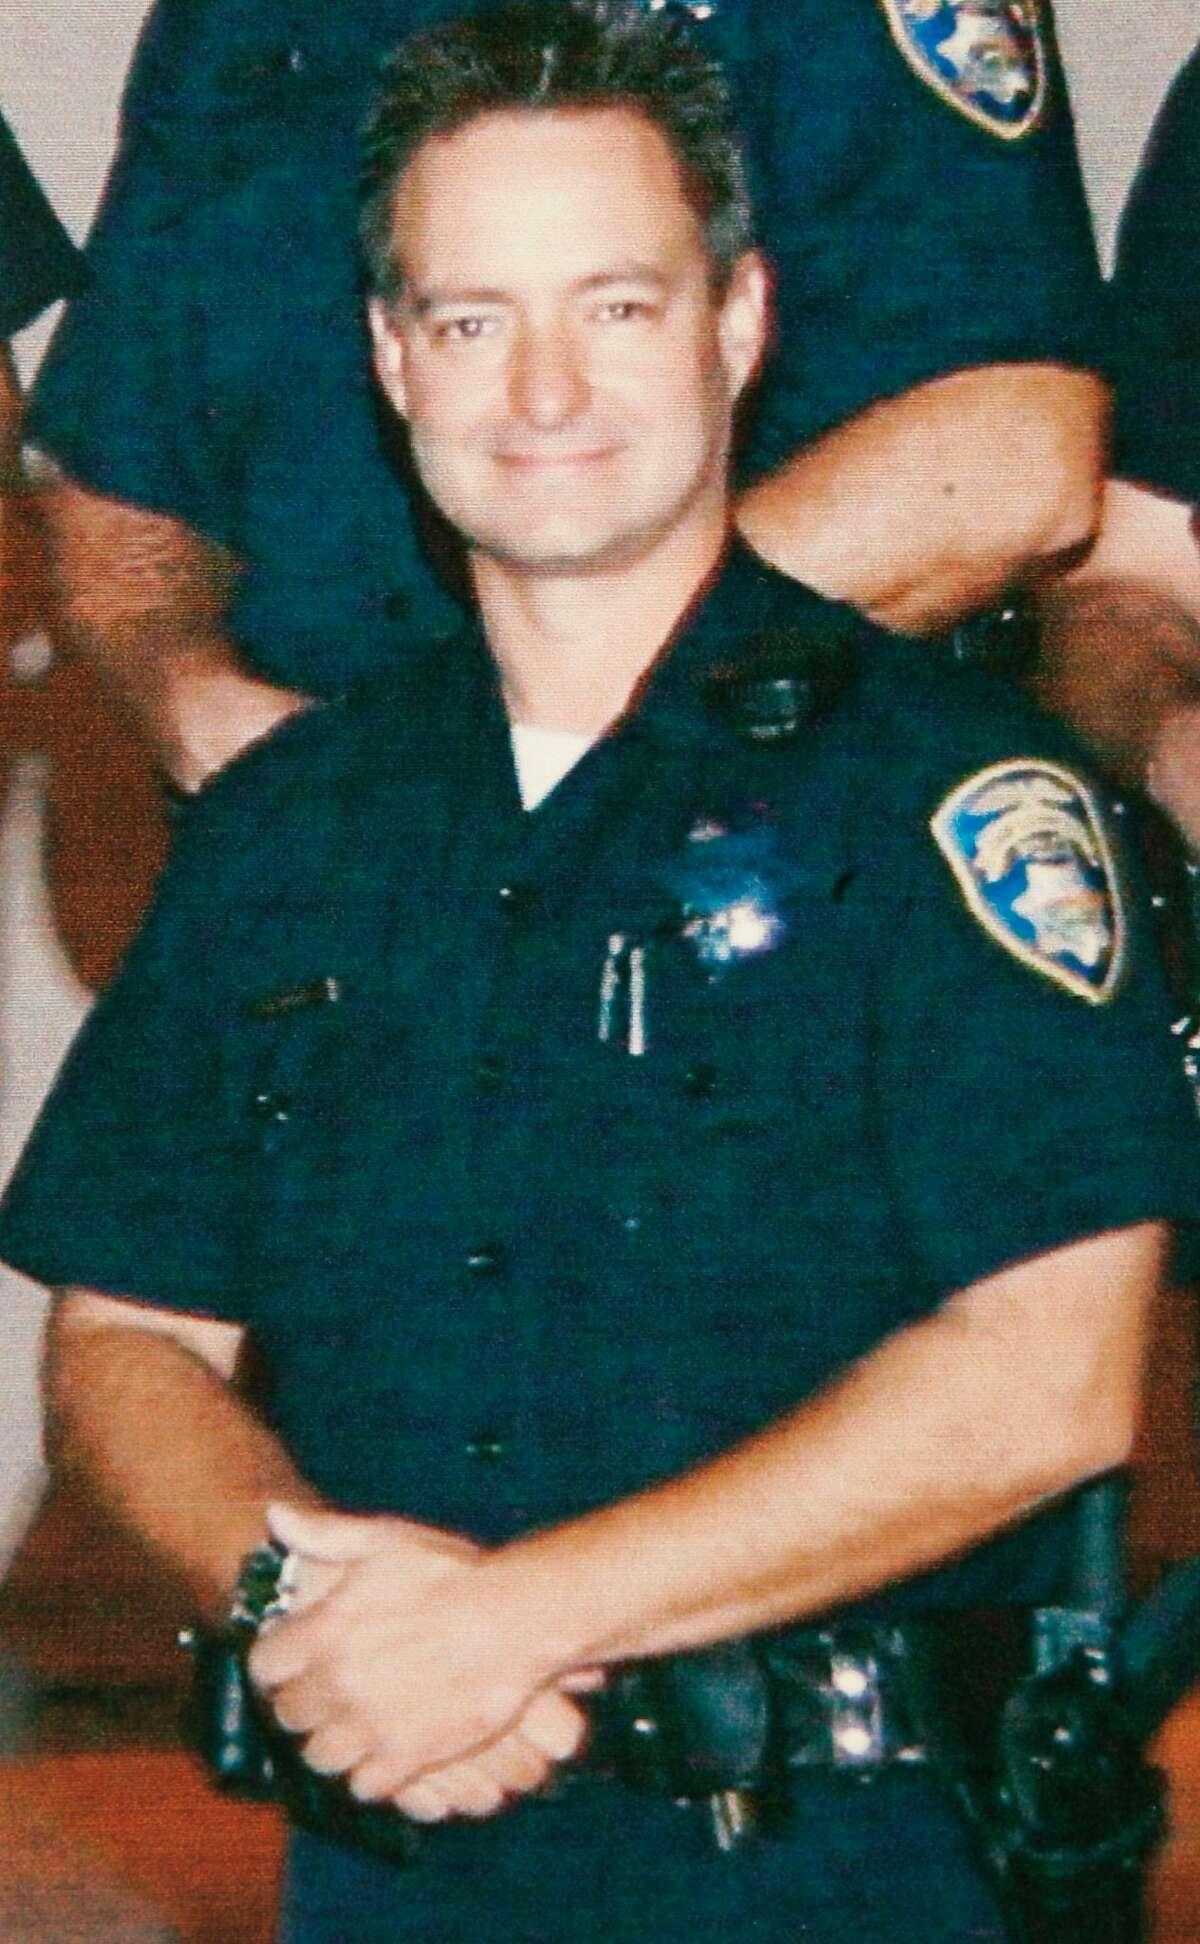 San Leandro police officer Nels